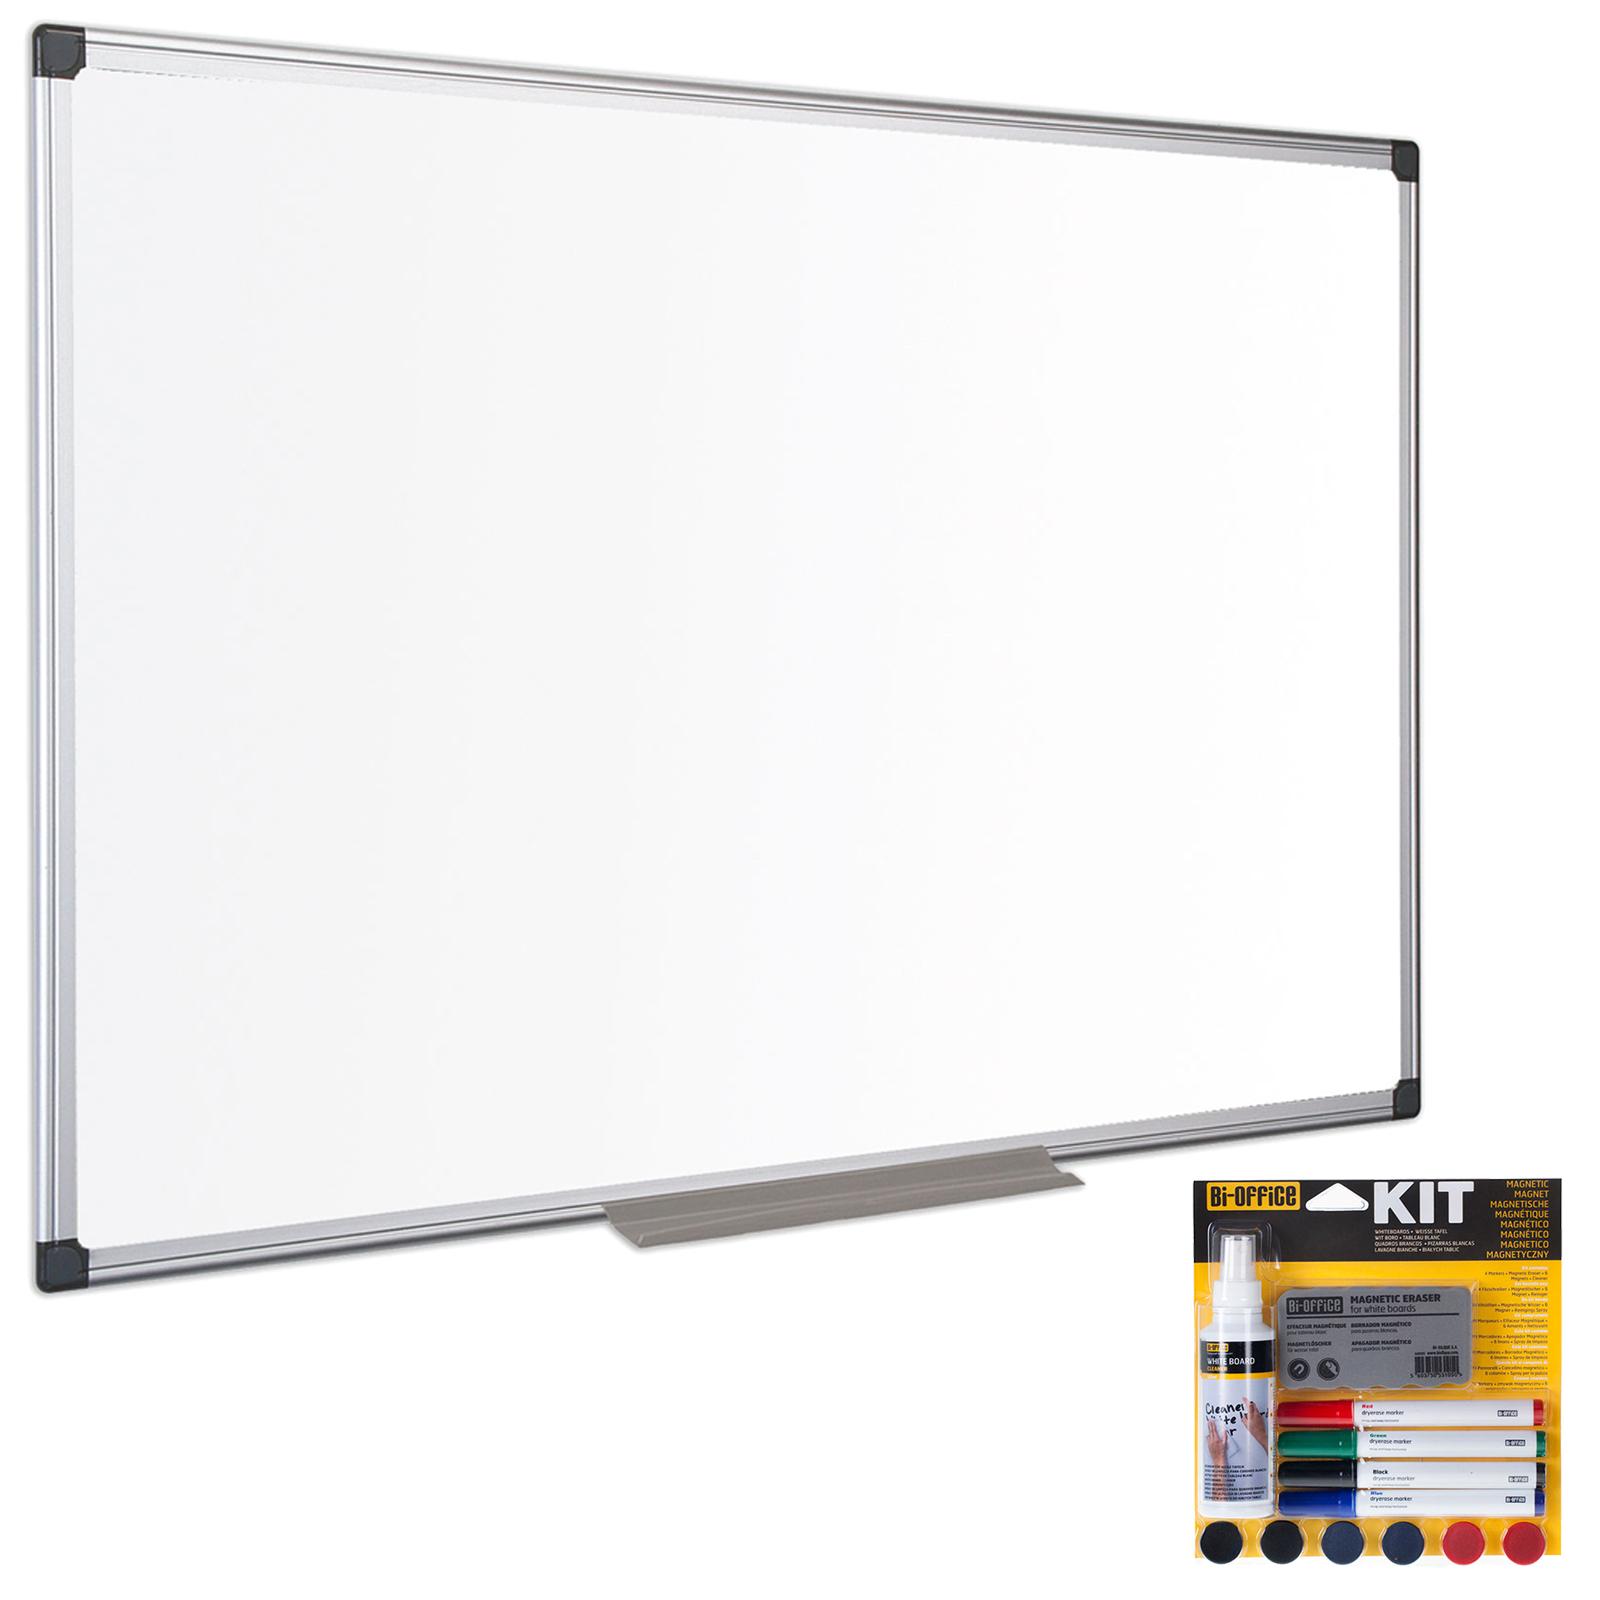 Bi office tableau blanc maill 90 x 60 cm bi office kit - Tableau blanc effacable pas cher ...